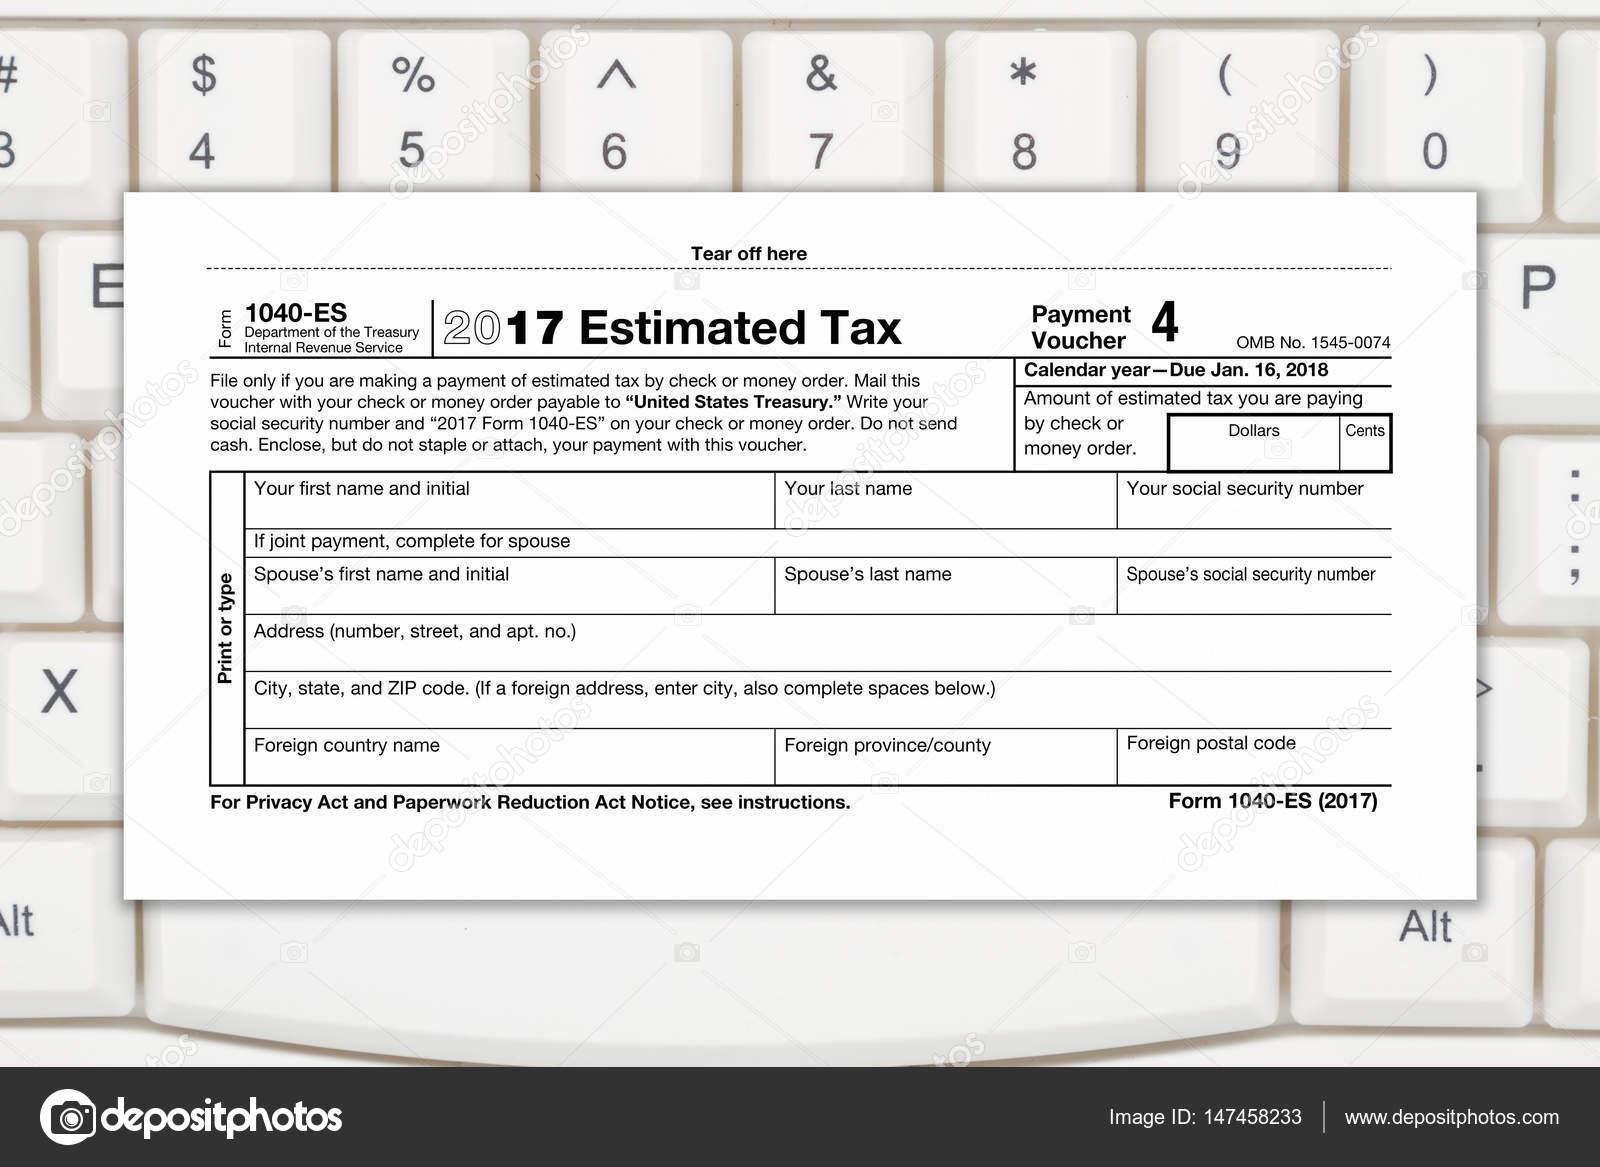 Nos Federal impuesto 1040 Estimado impuesto renta forma — Foto de ...